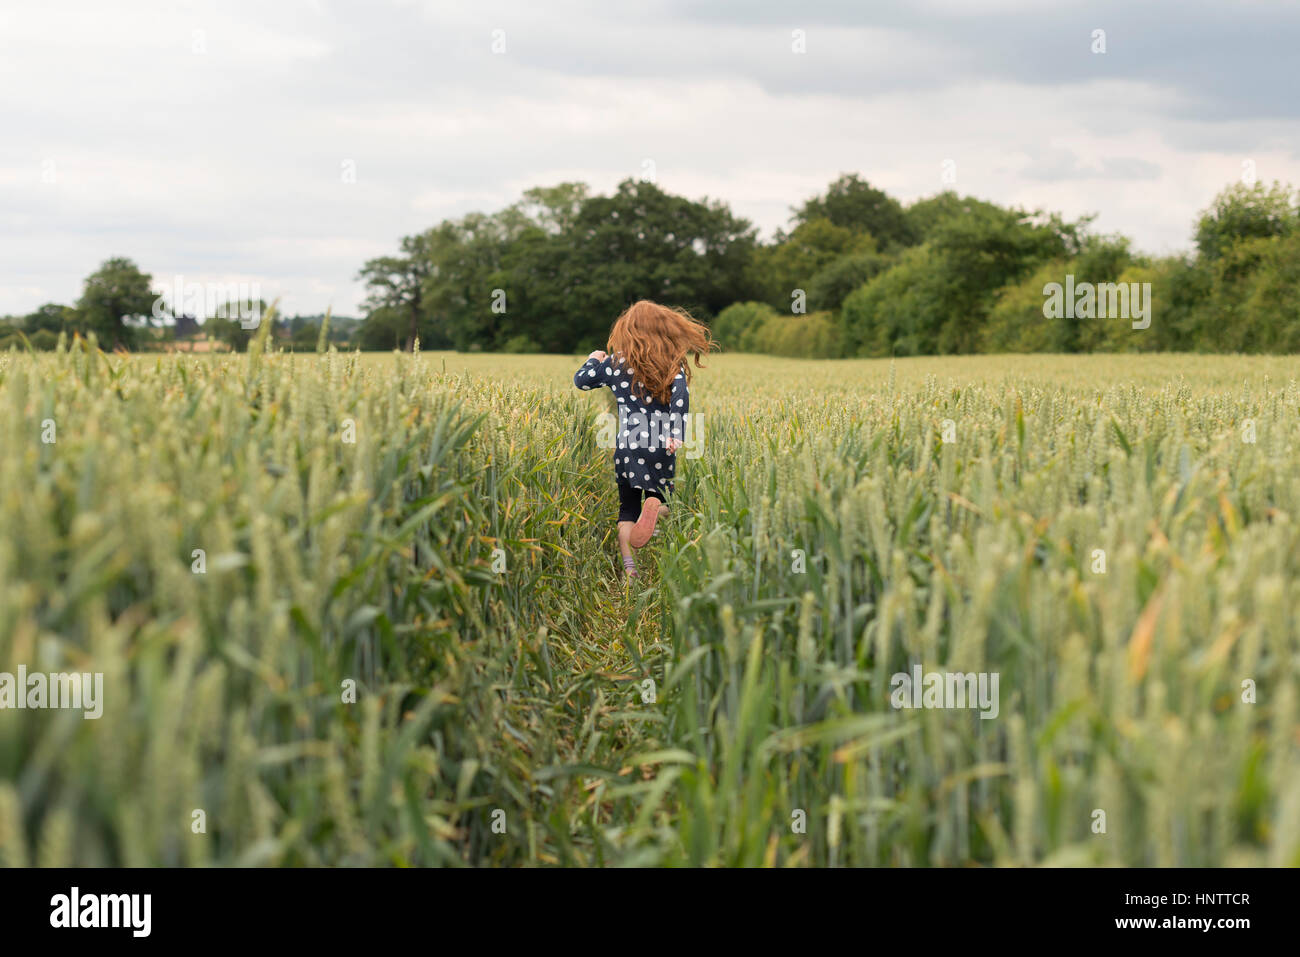 Ein kleines Mädchen mit roten Haaren läuft durch ein Weizenfeld. Stockbild